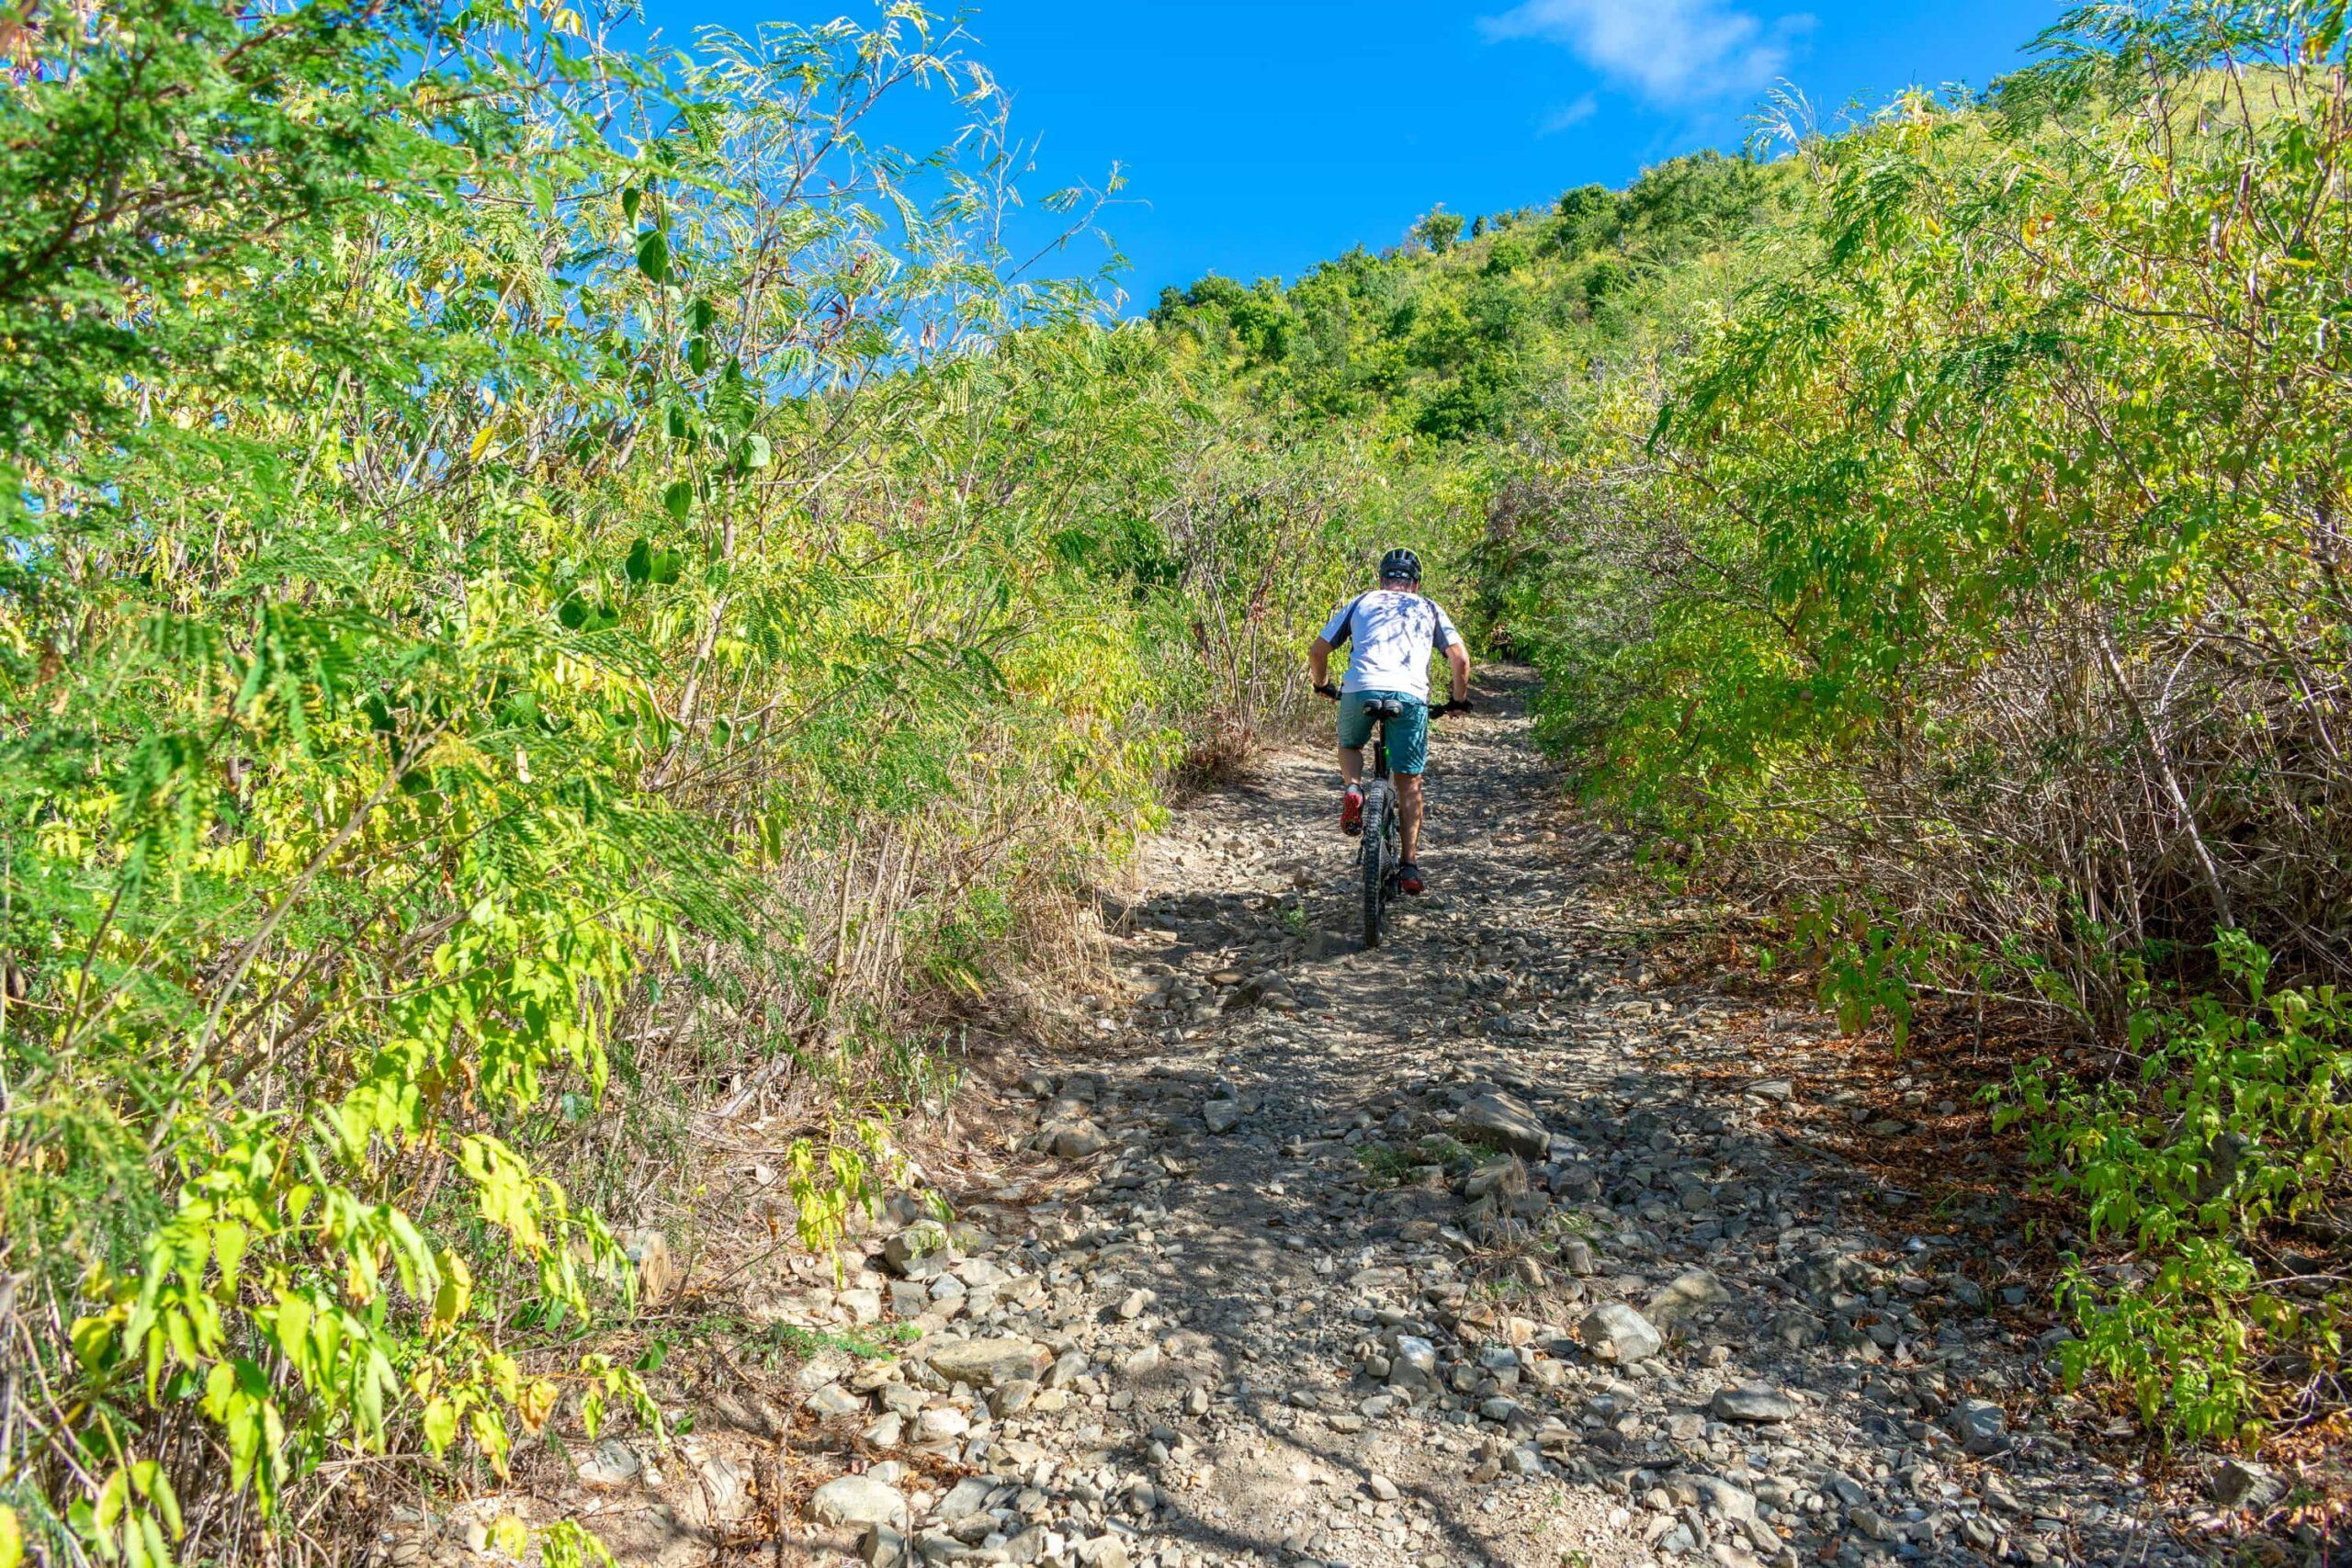 Virgin Islands Bike and Trails